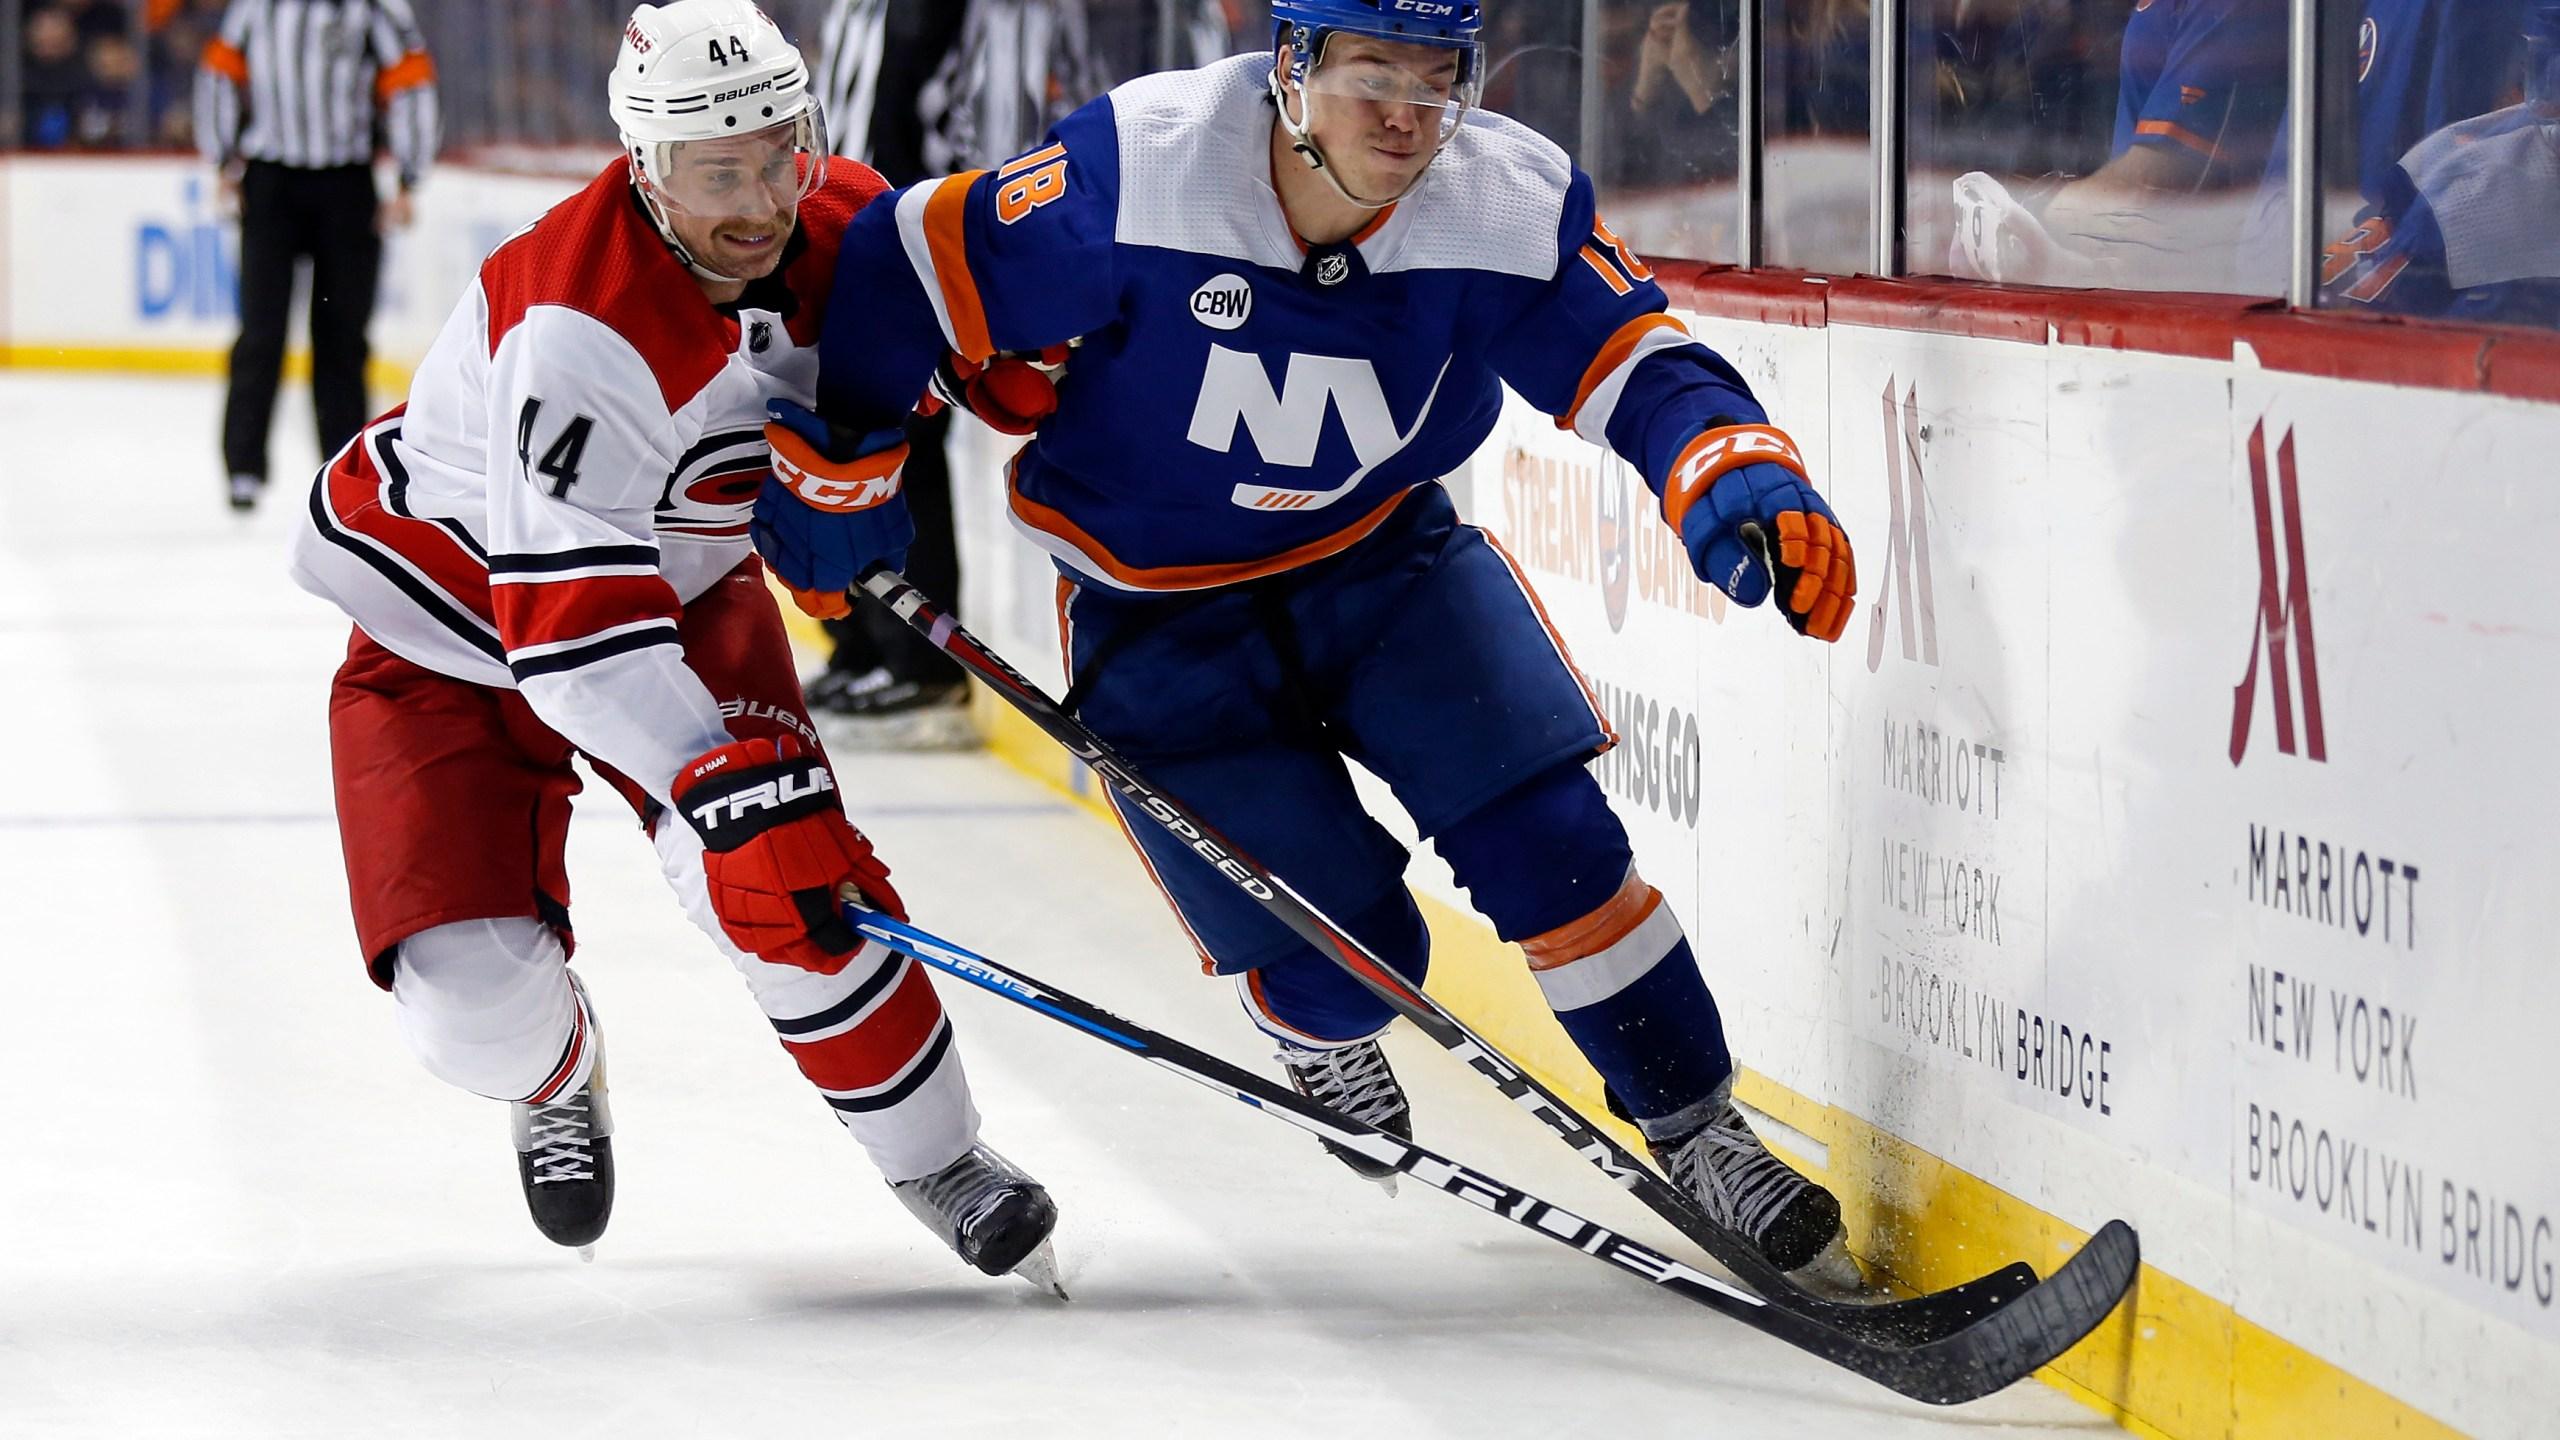 Hurricanes_Islanders_Hockey_47349-159532.jpg80874880